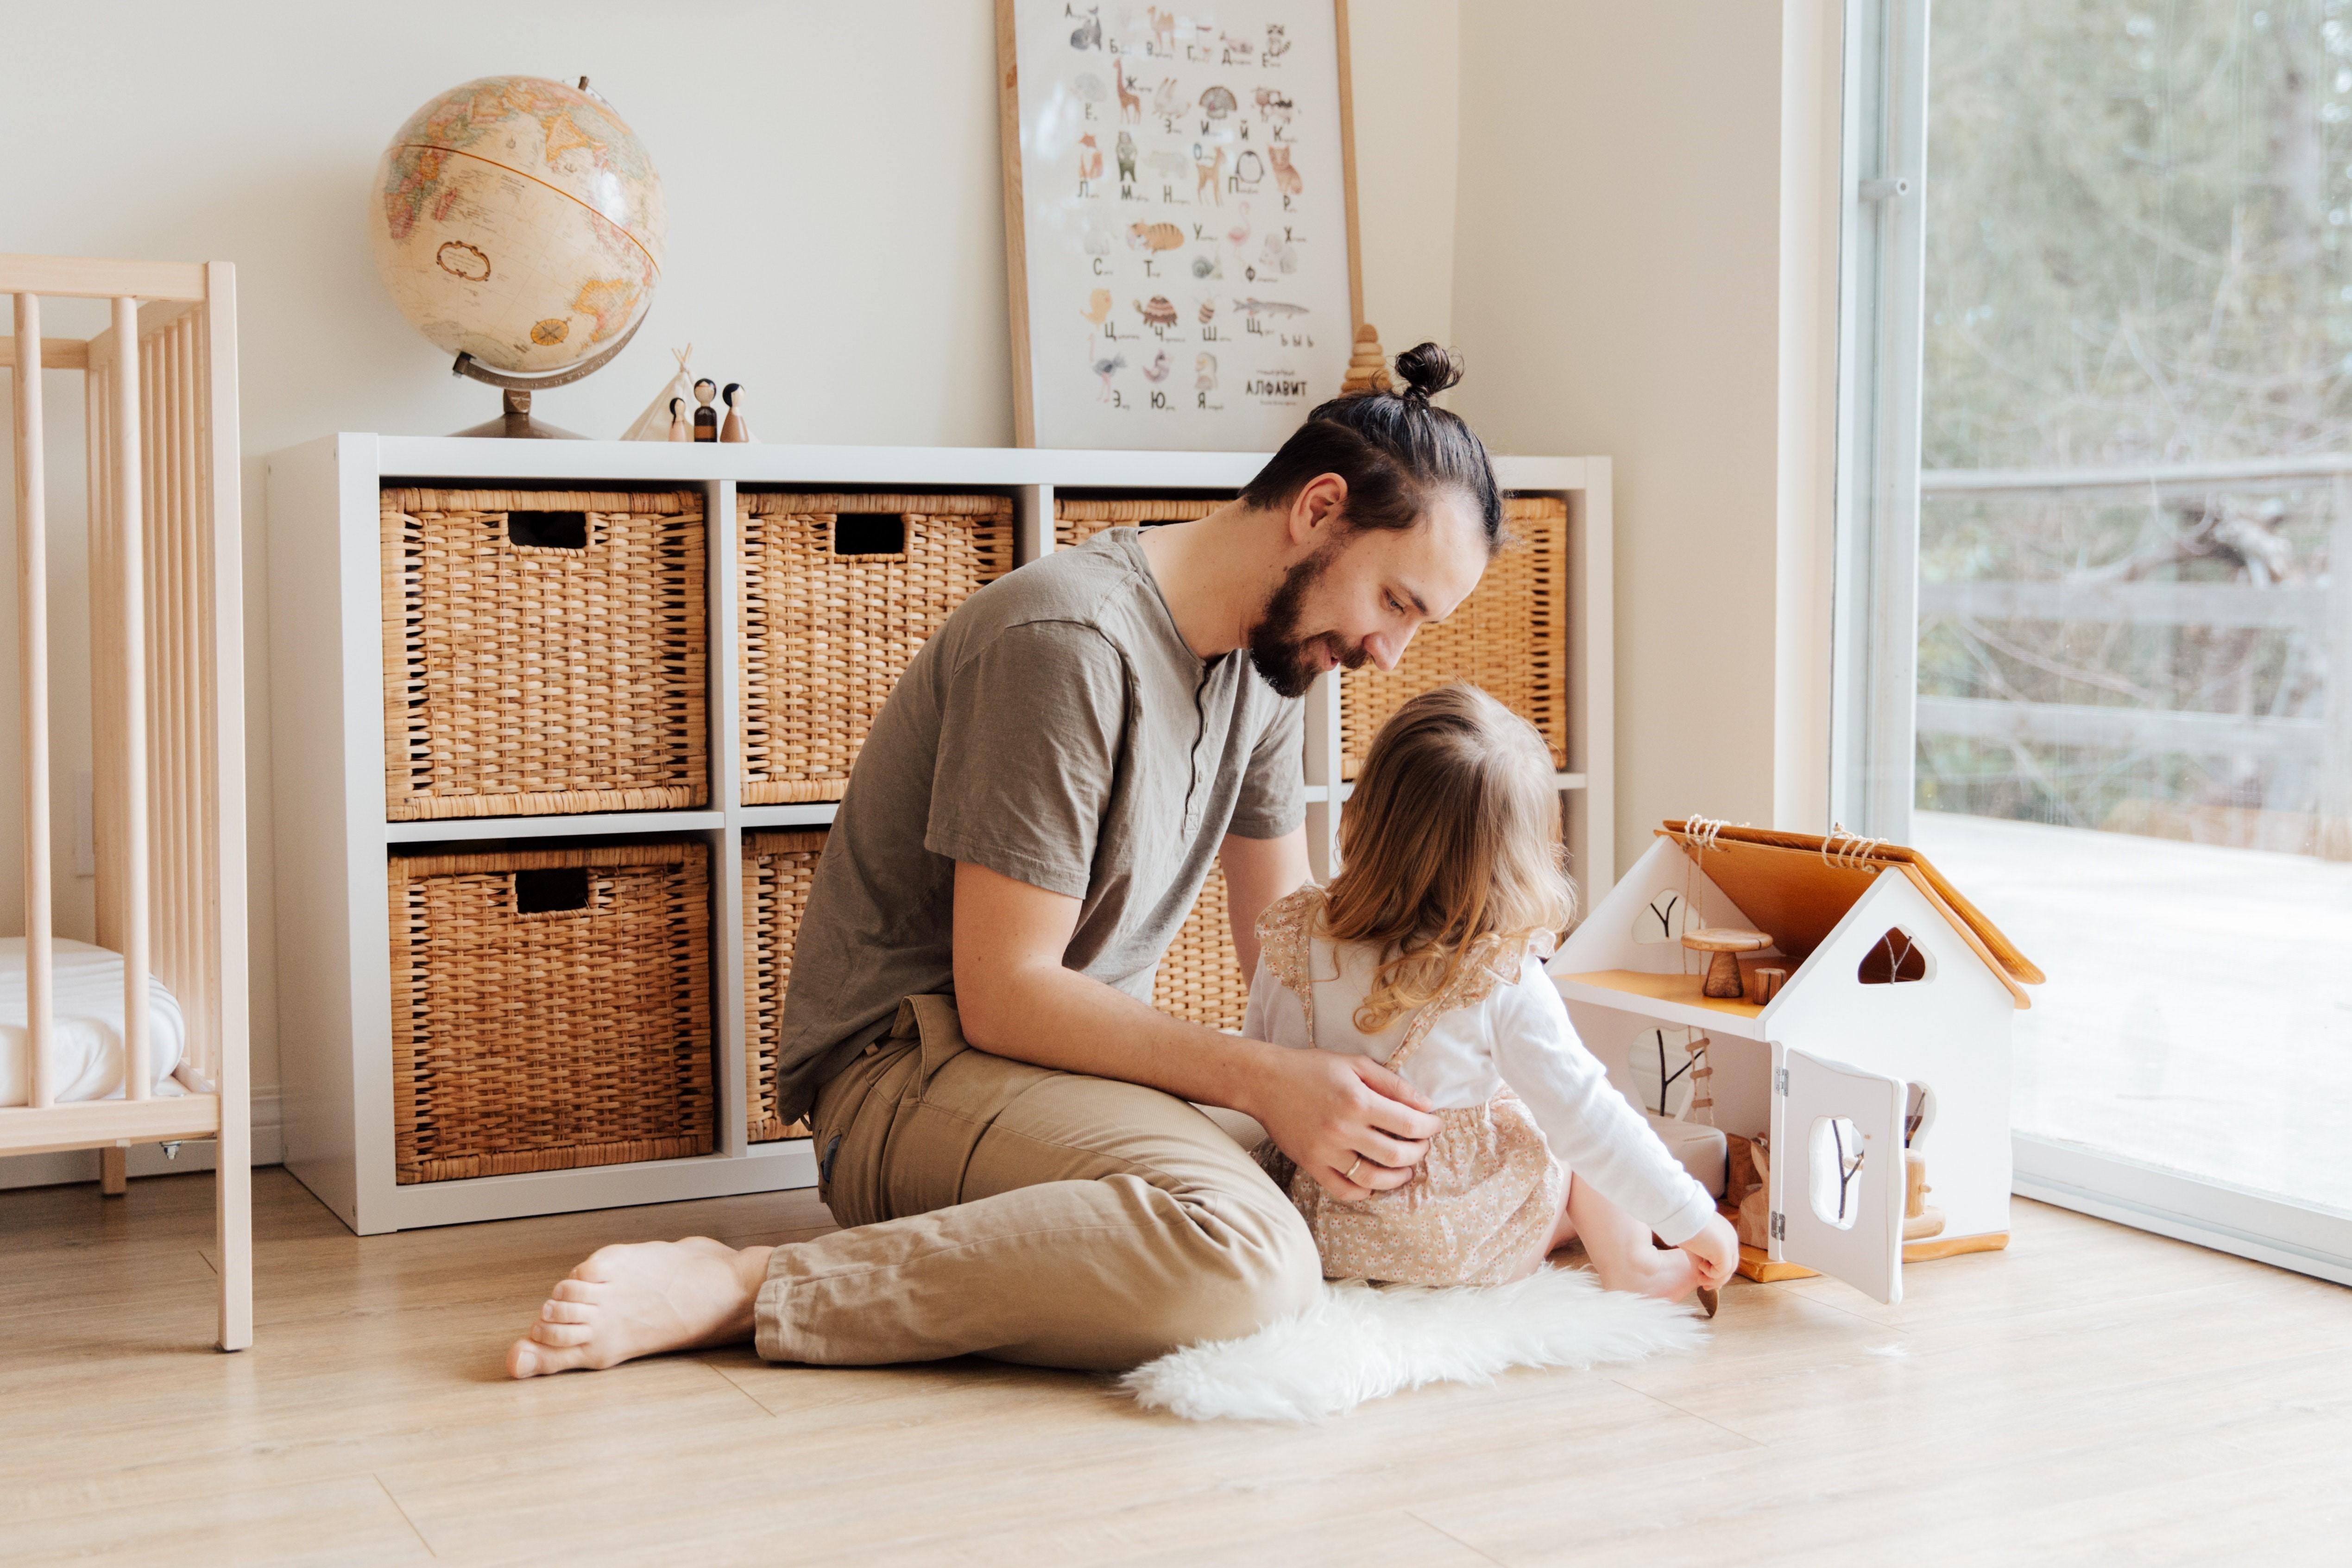 6 idées d'activités de prévention et de secourisme pour les enfants à faire à la maison